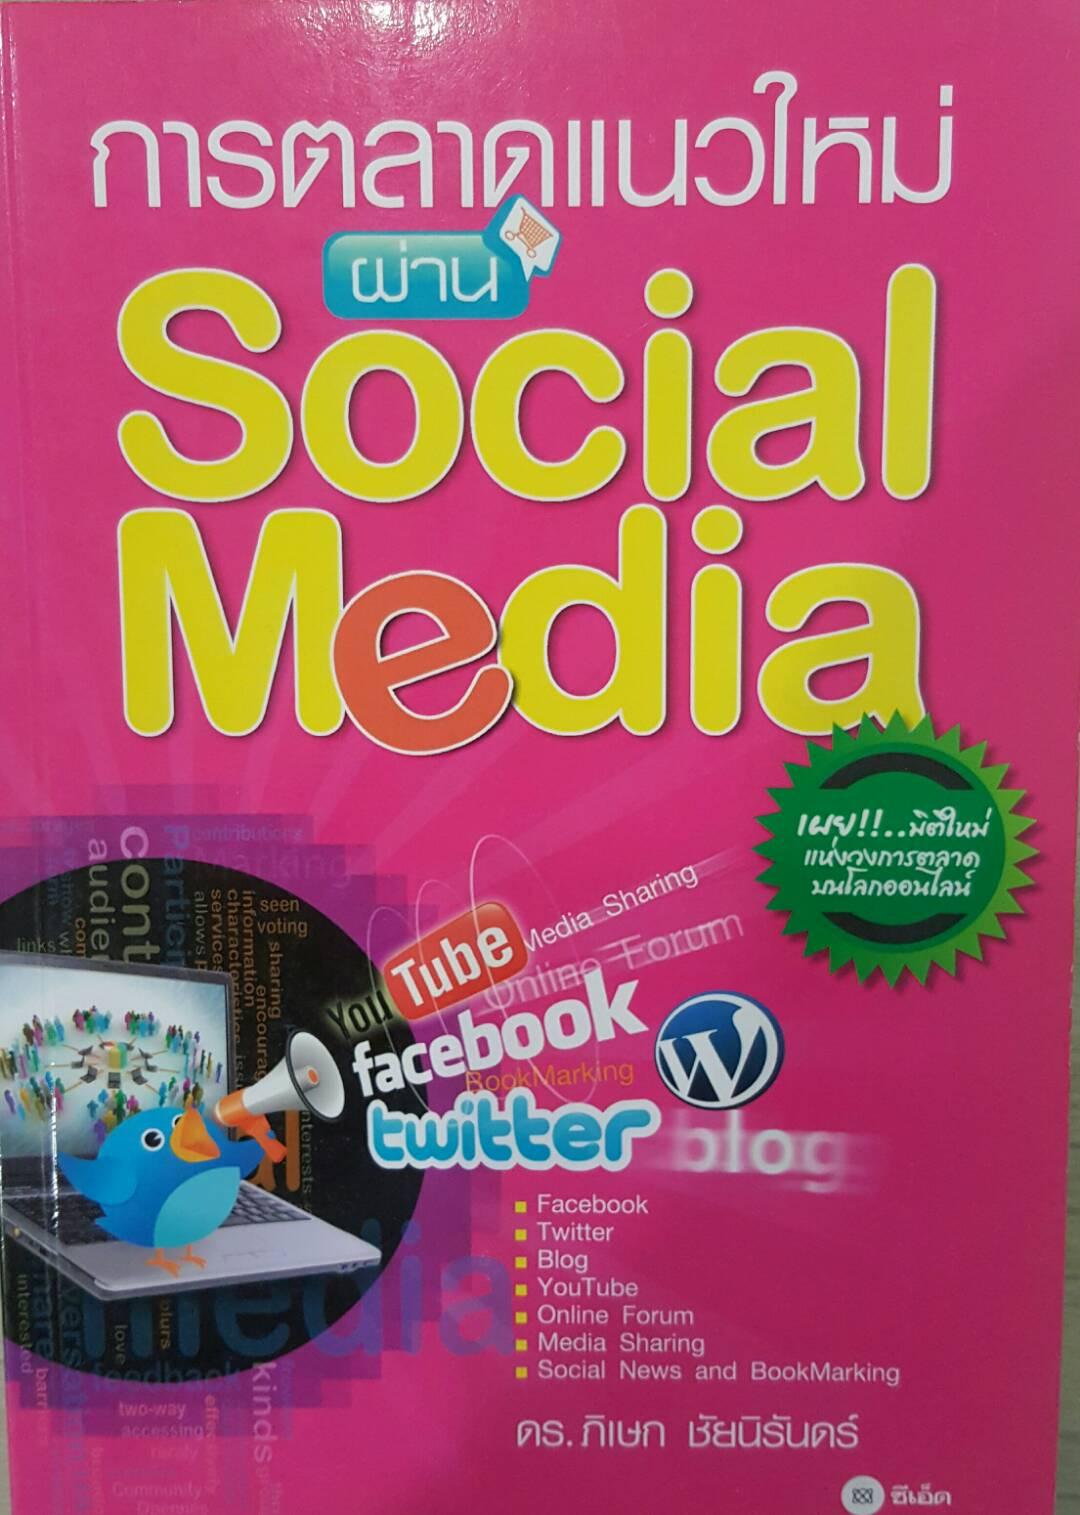 การตลาดแนวใหม่ผ่านSocial Media